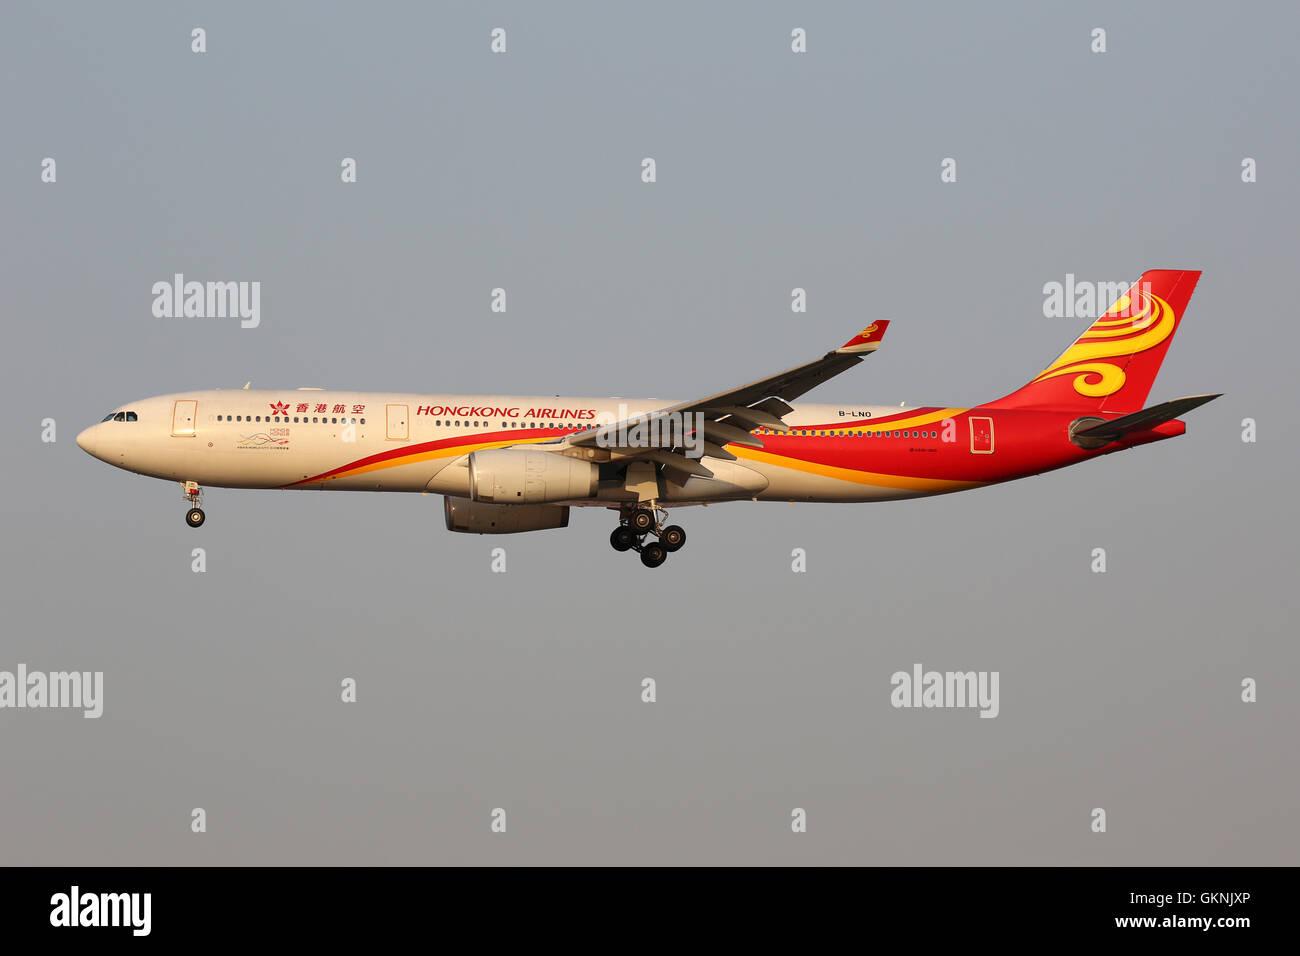 Shanghai, China - May 16, 2016: A Hongkong Airlines Airbus A330-300 with the registration B-LNO landing at Shanghai - Stock Image